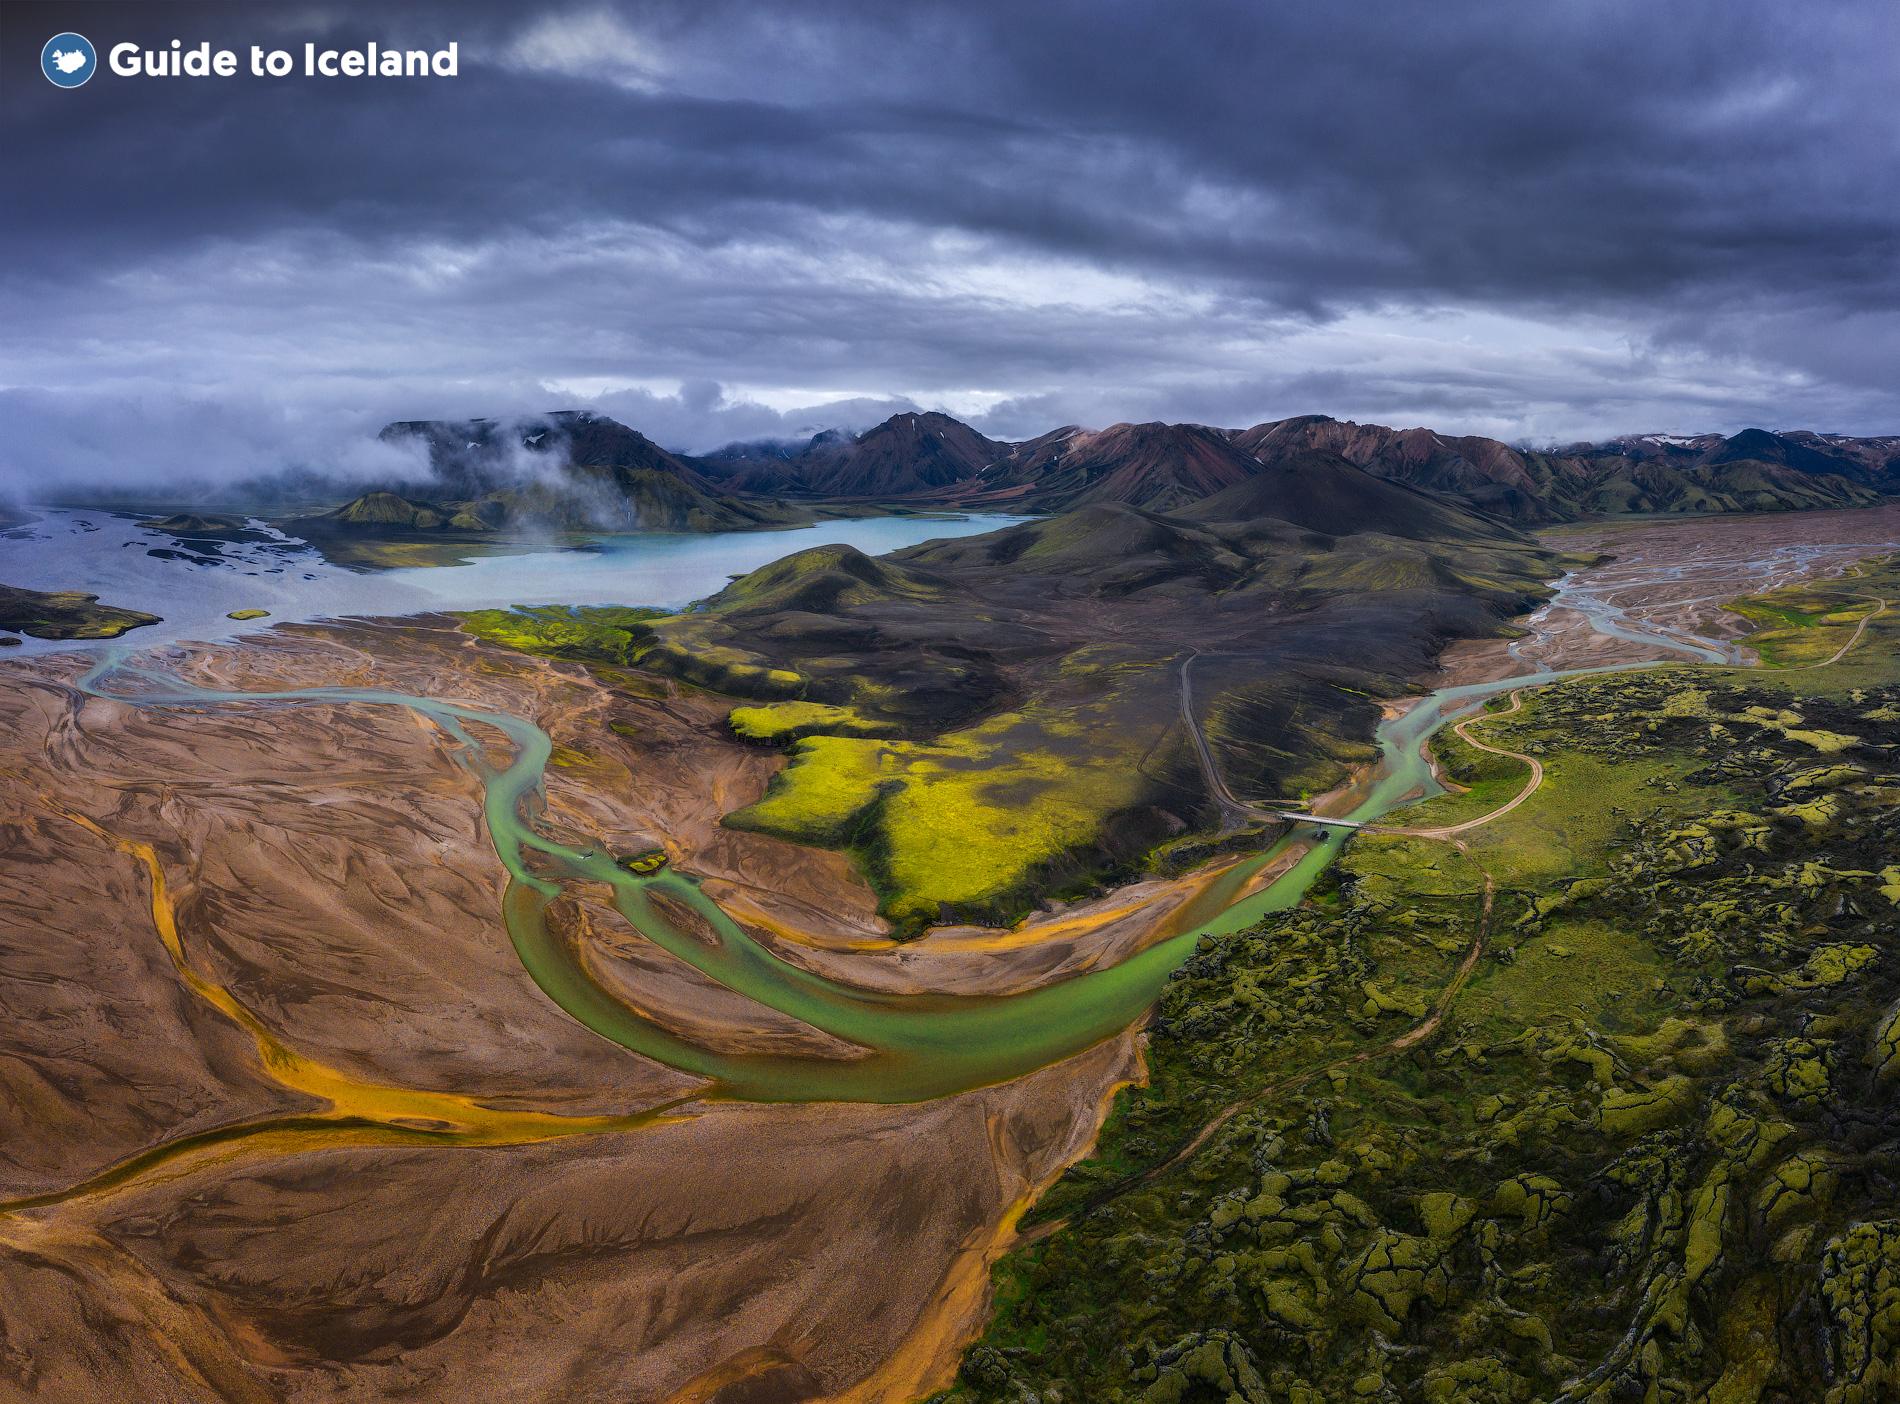 8-dniowe wakacje z samodzielną jazdą na południowym wybrzeżu Islandii i interiorem